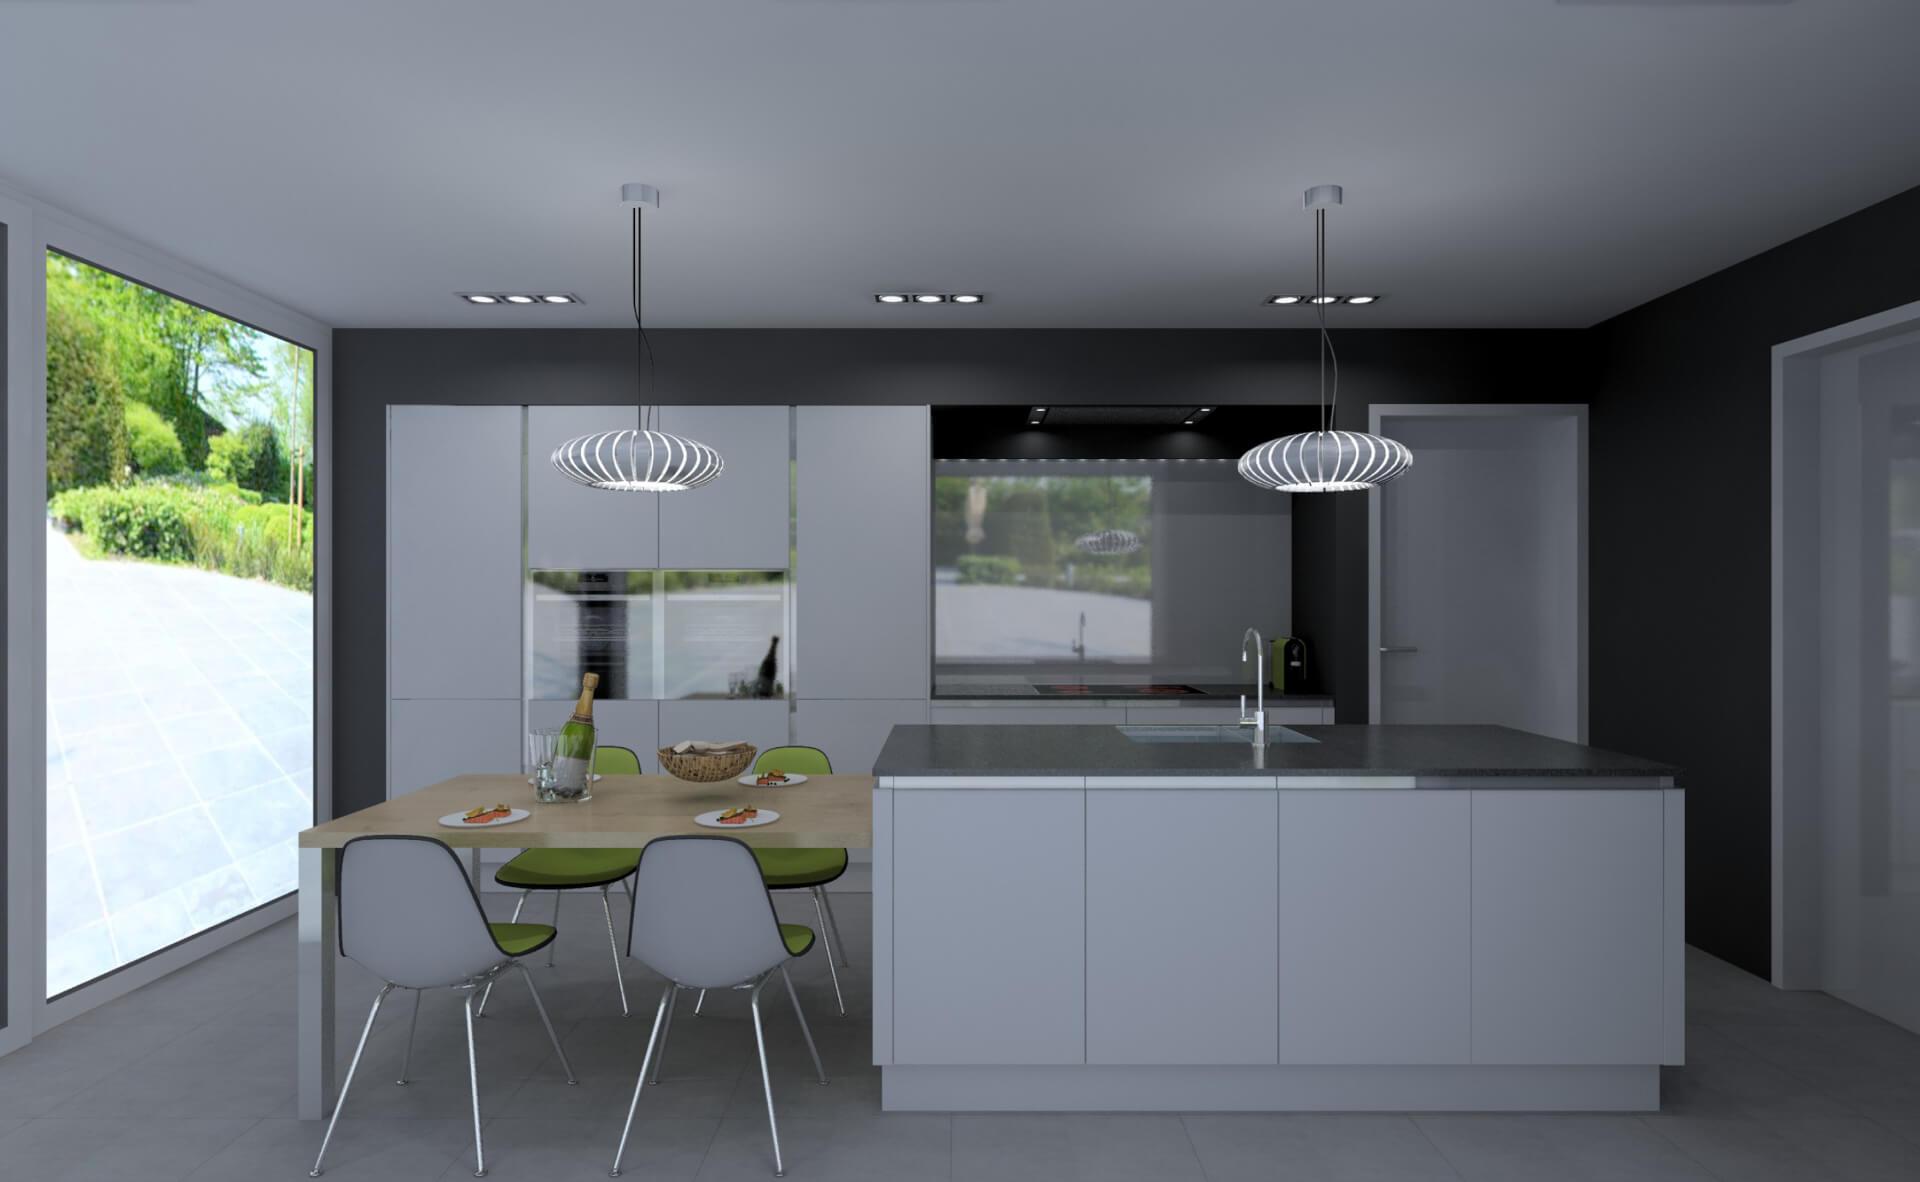 Home Center Keuken Ontwerpen : Creato keukens 3D Ontwerpen